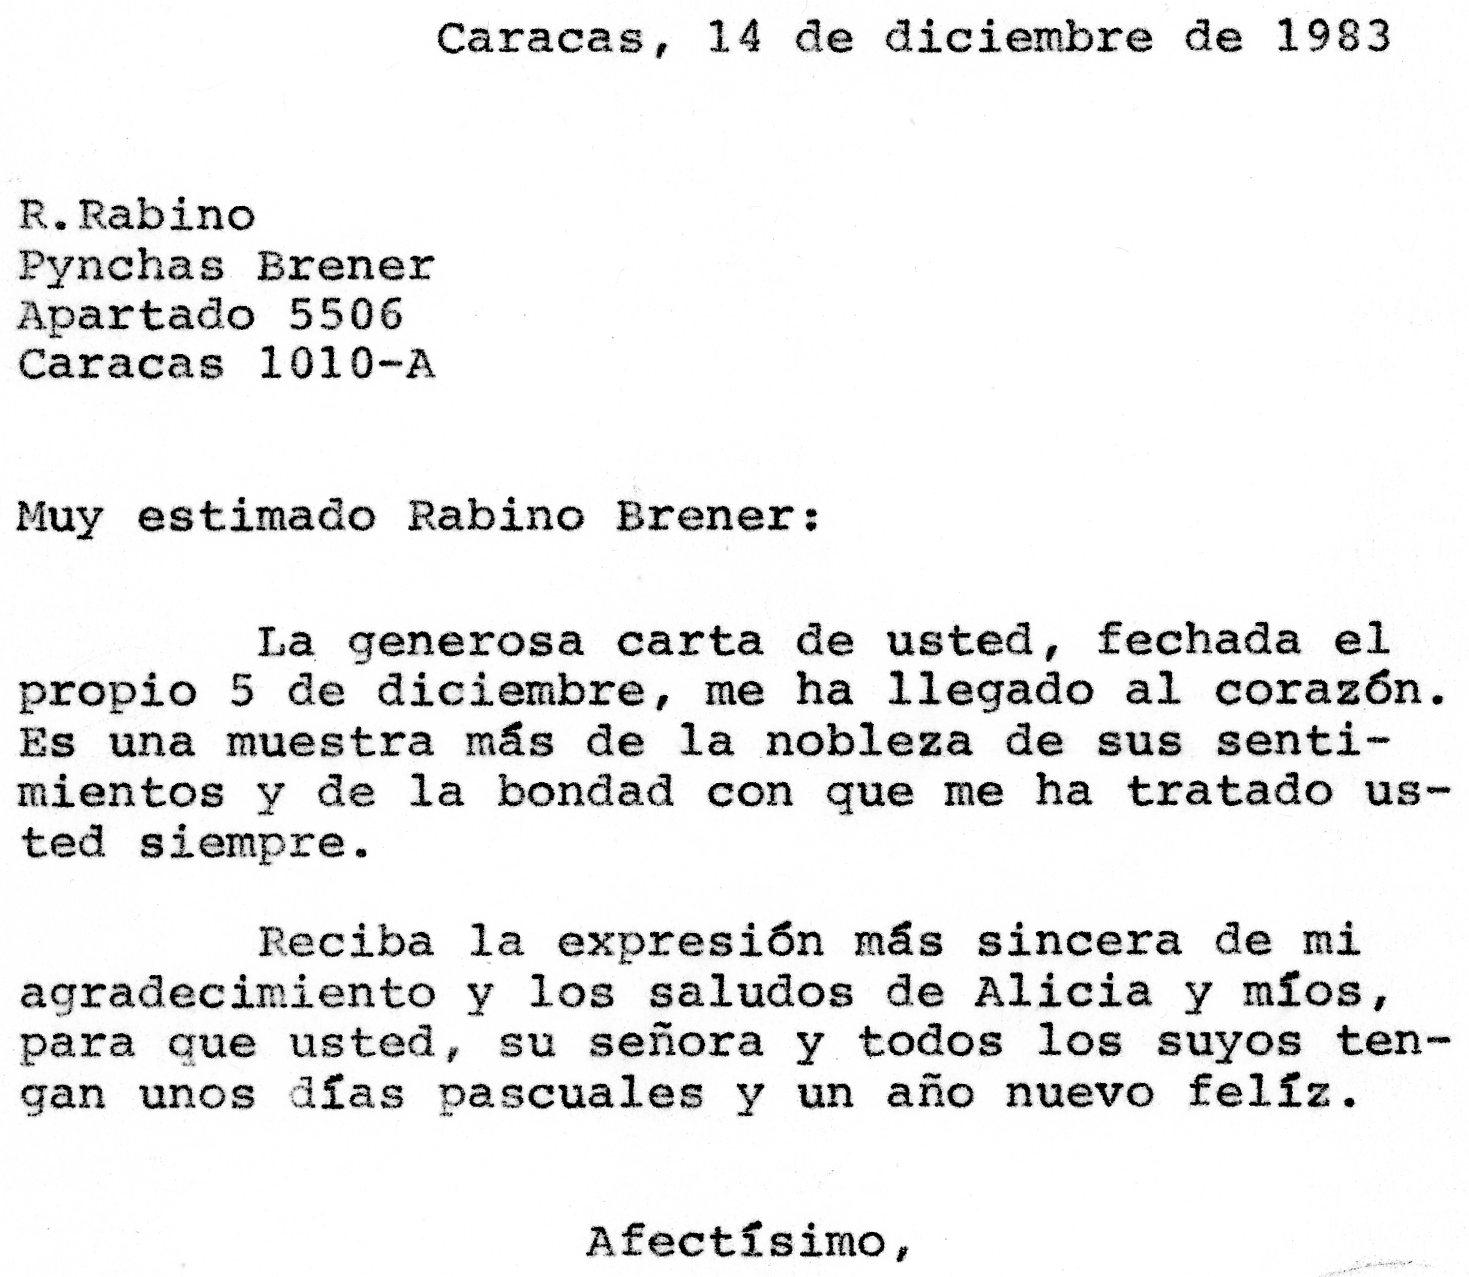 1983. Diciembre, 14. Respuesta de Rafael Caldera al rabino Pynchas Brener